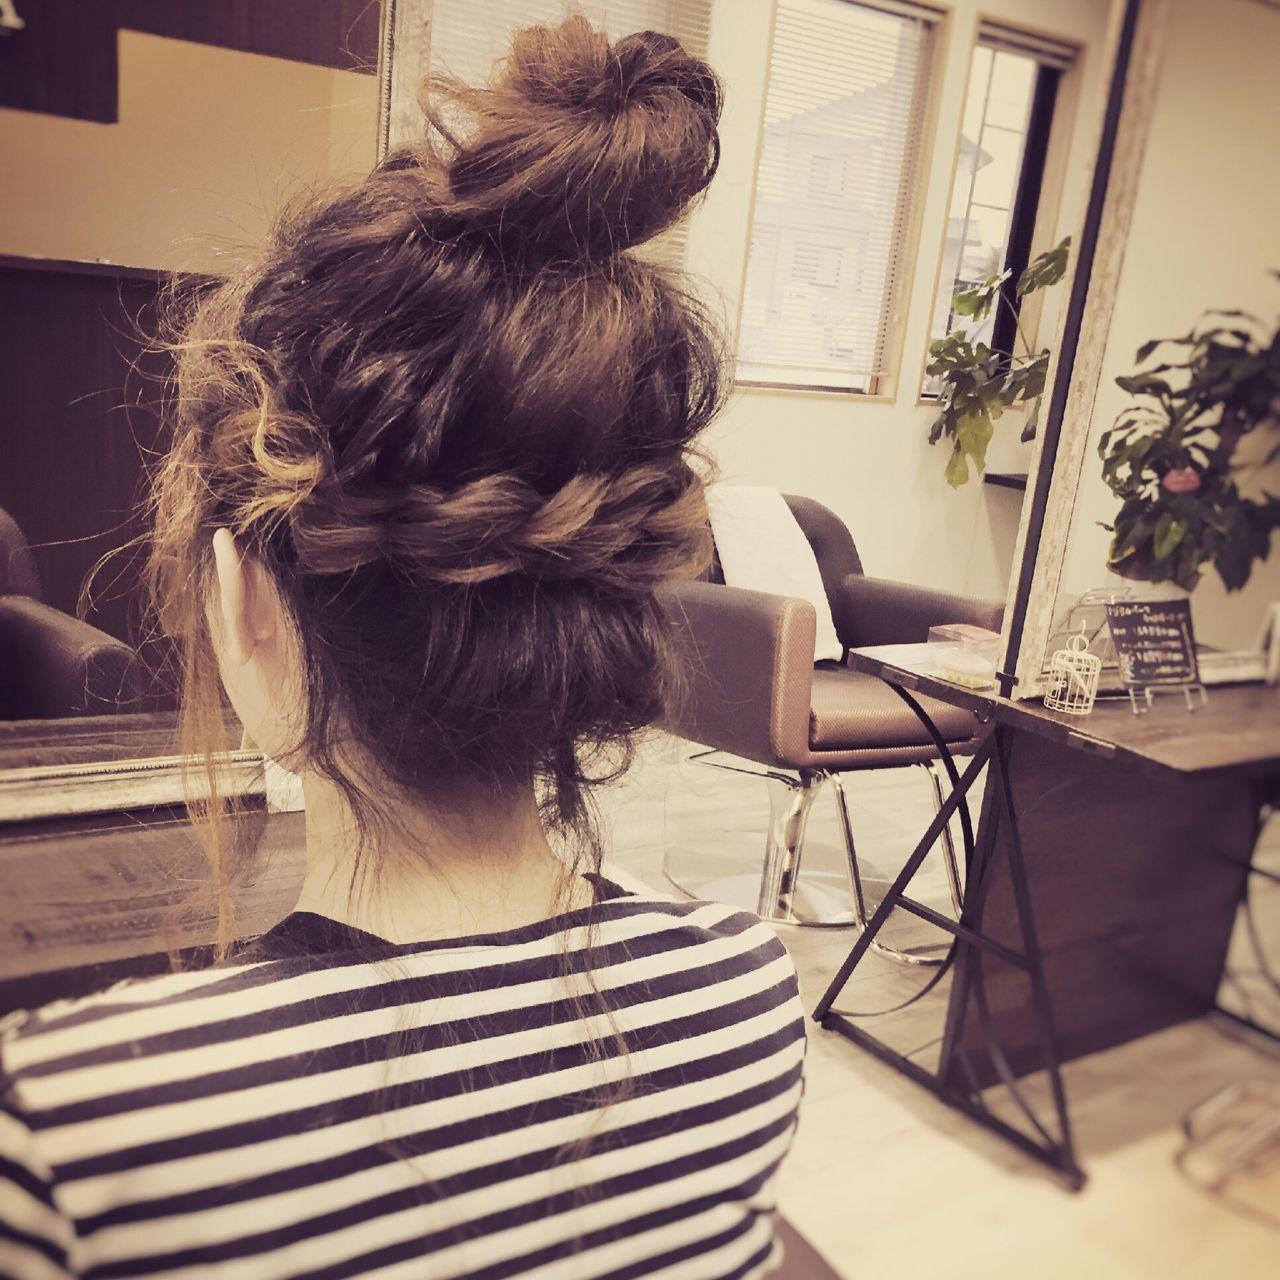 モテ髪 お団子 ヘアアレンジ コンサバ ヘアスタイルや髪型の写真・画像